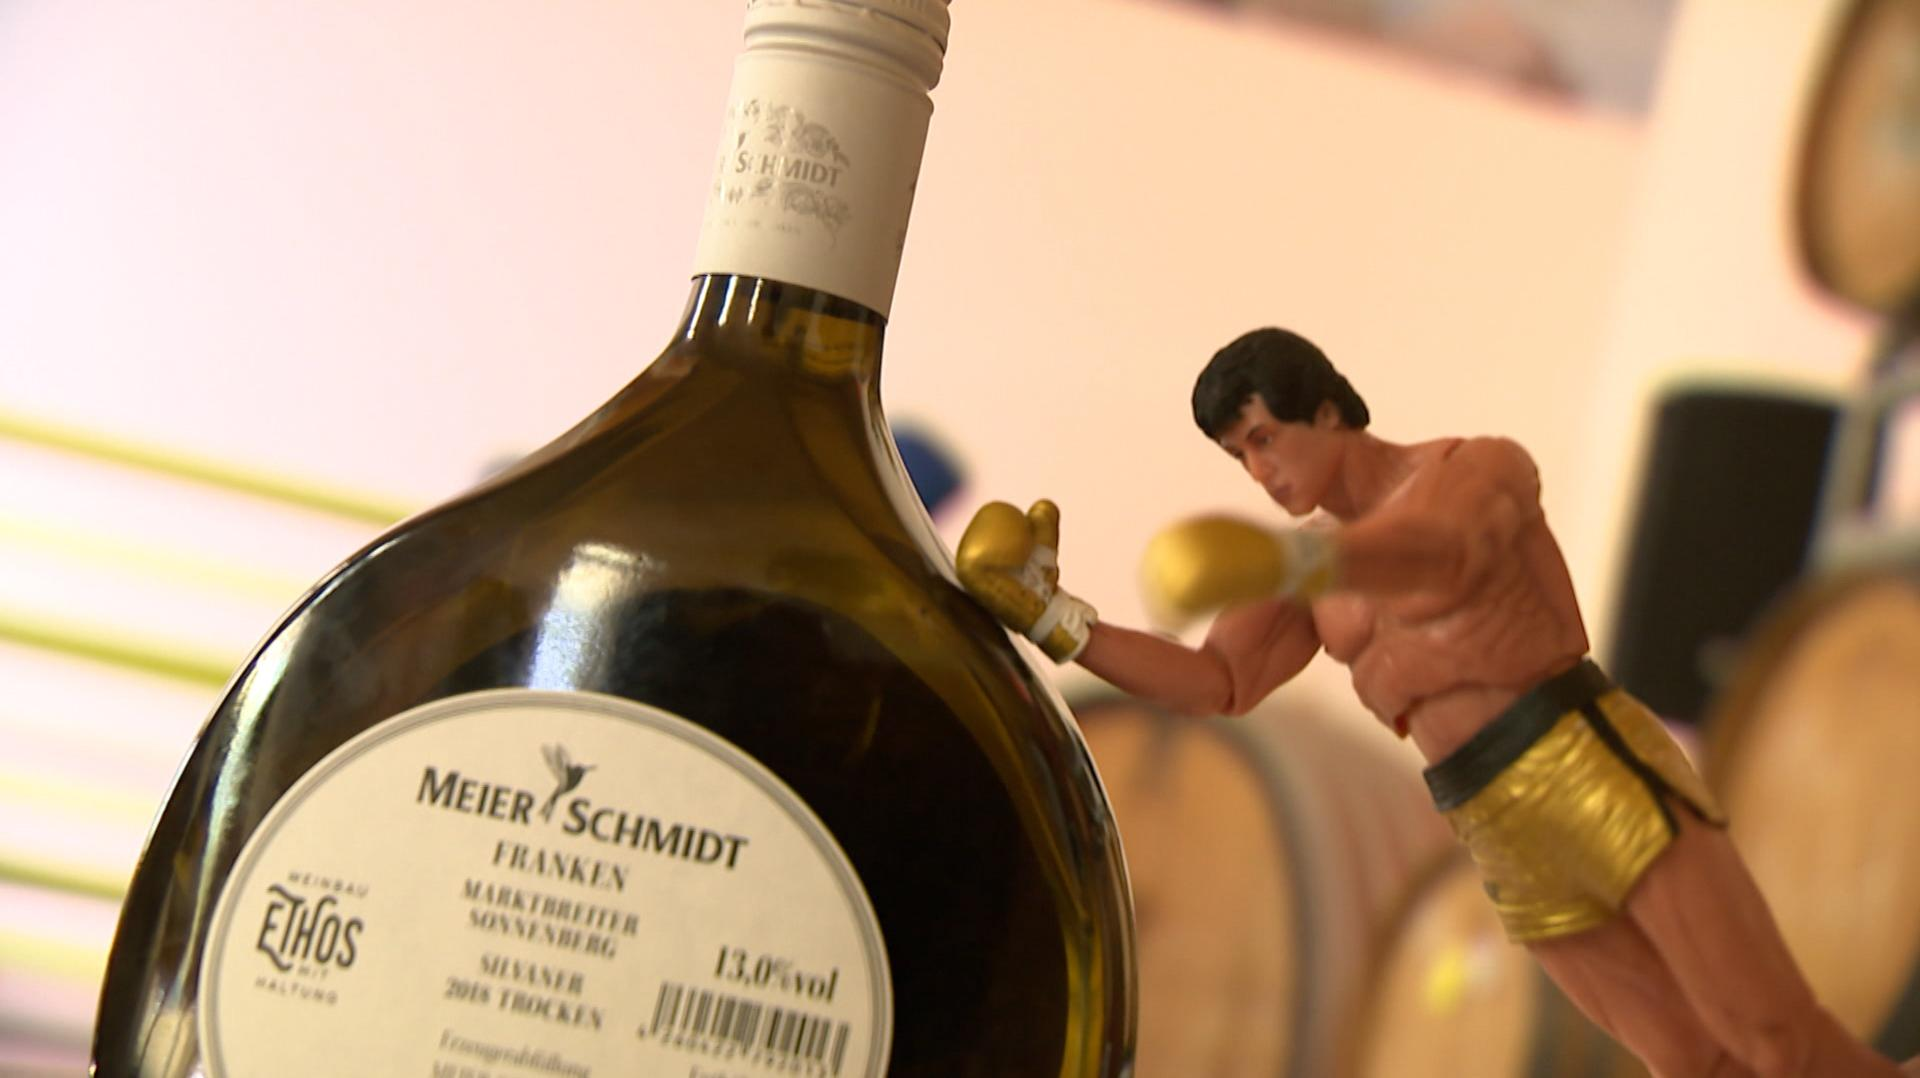 Weinwettkampf : Battle (nicht nur) um den Bocksbeutel